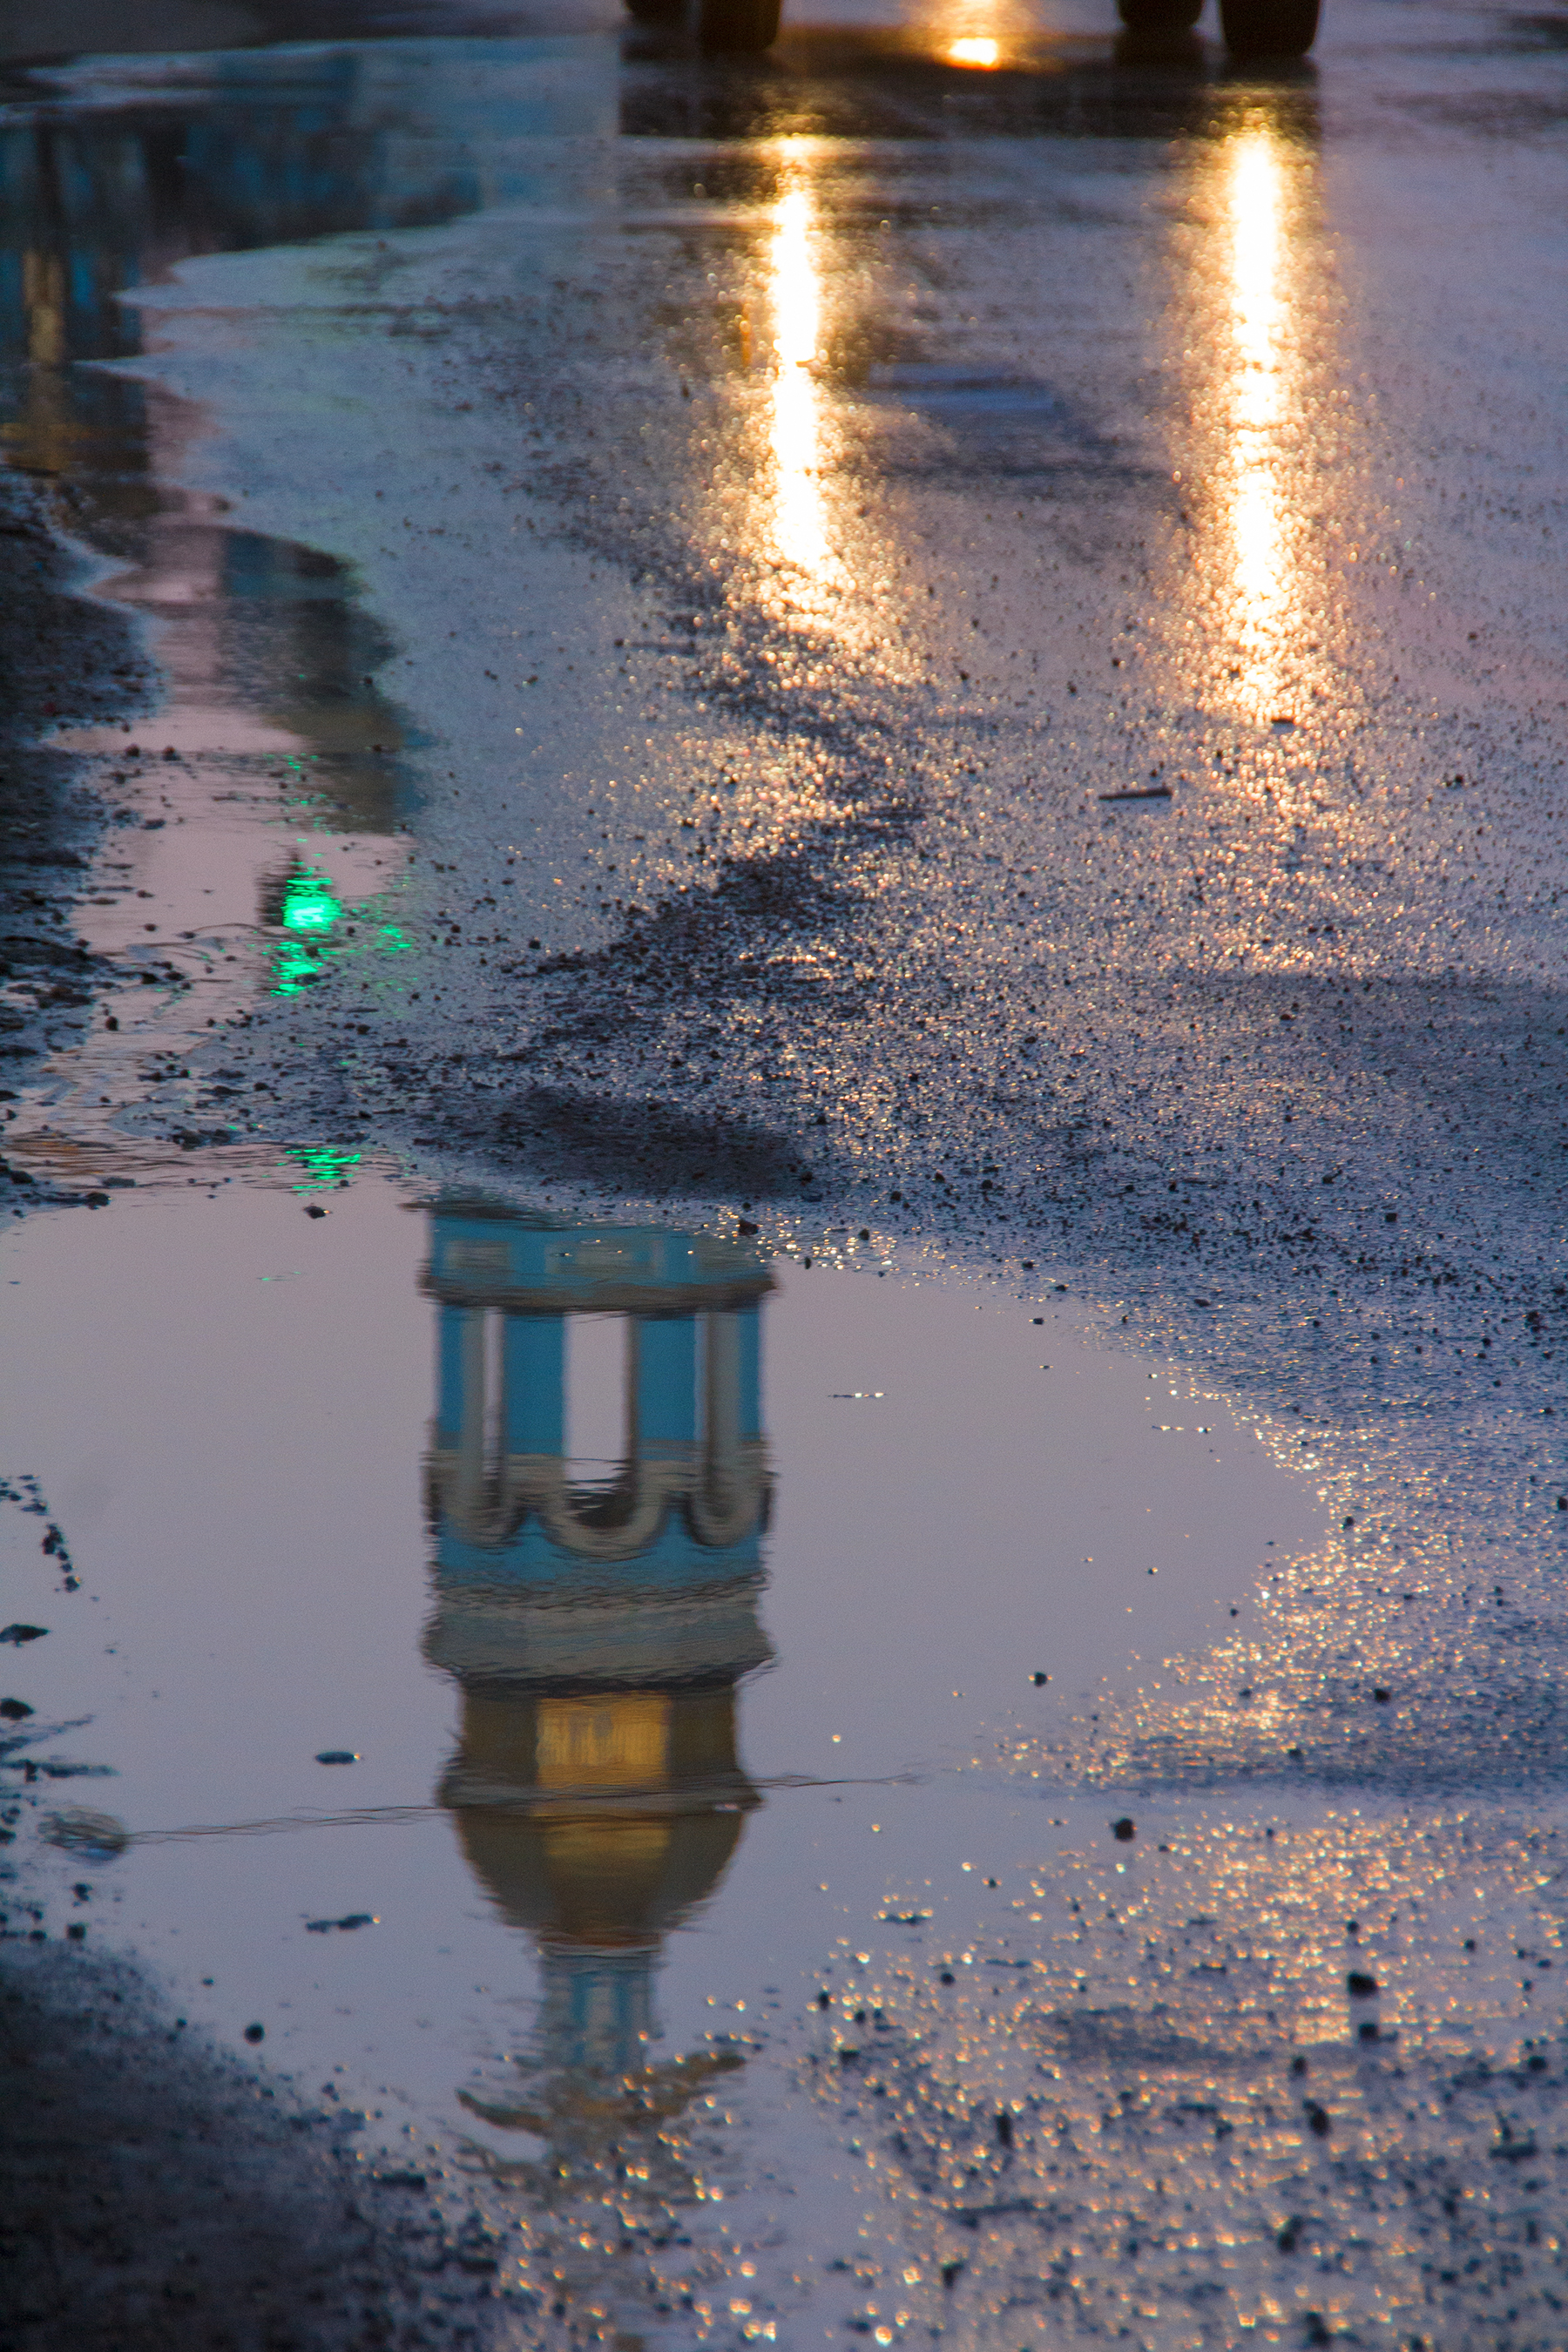 Αποτέλεσμα εικόνας για reflections water church